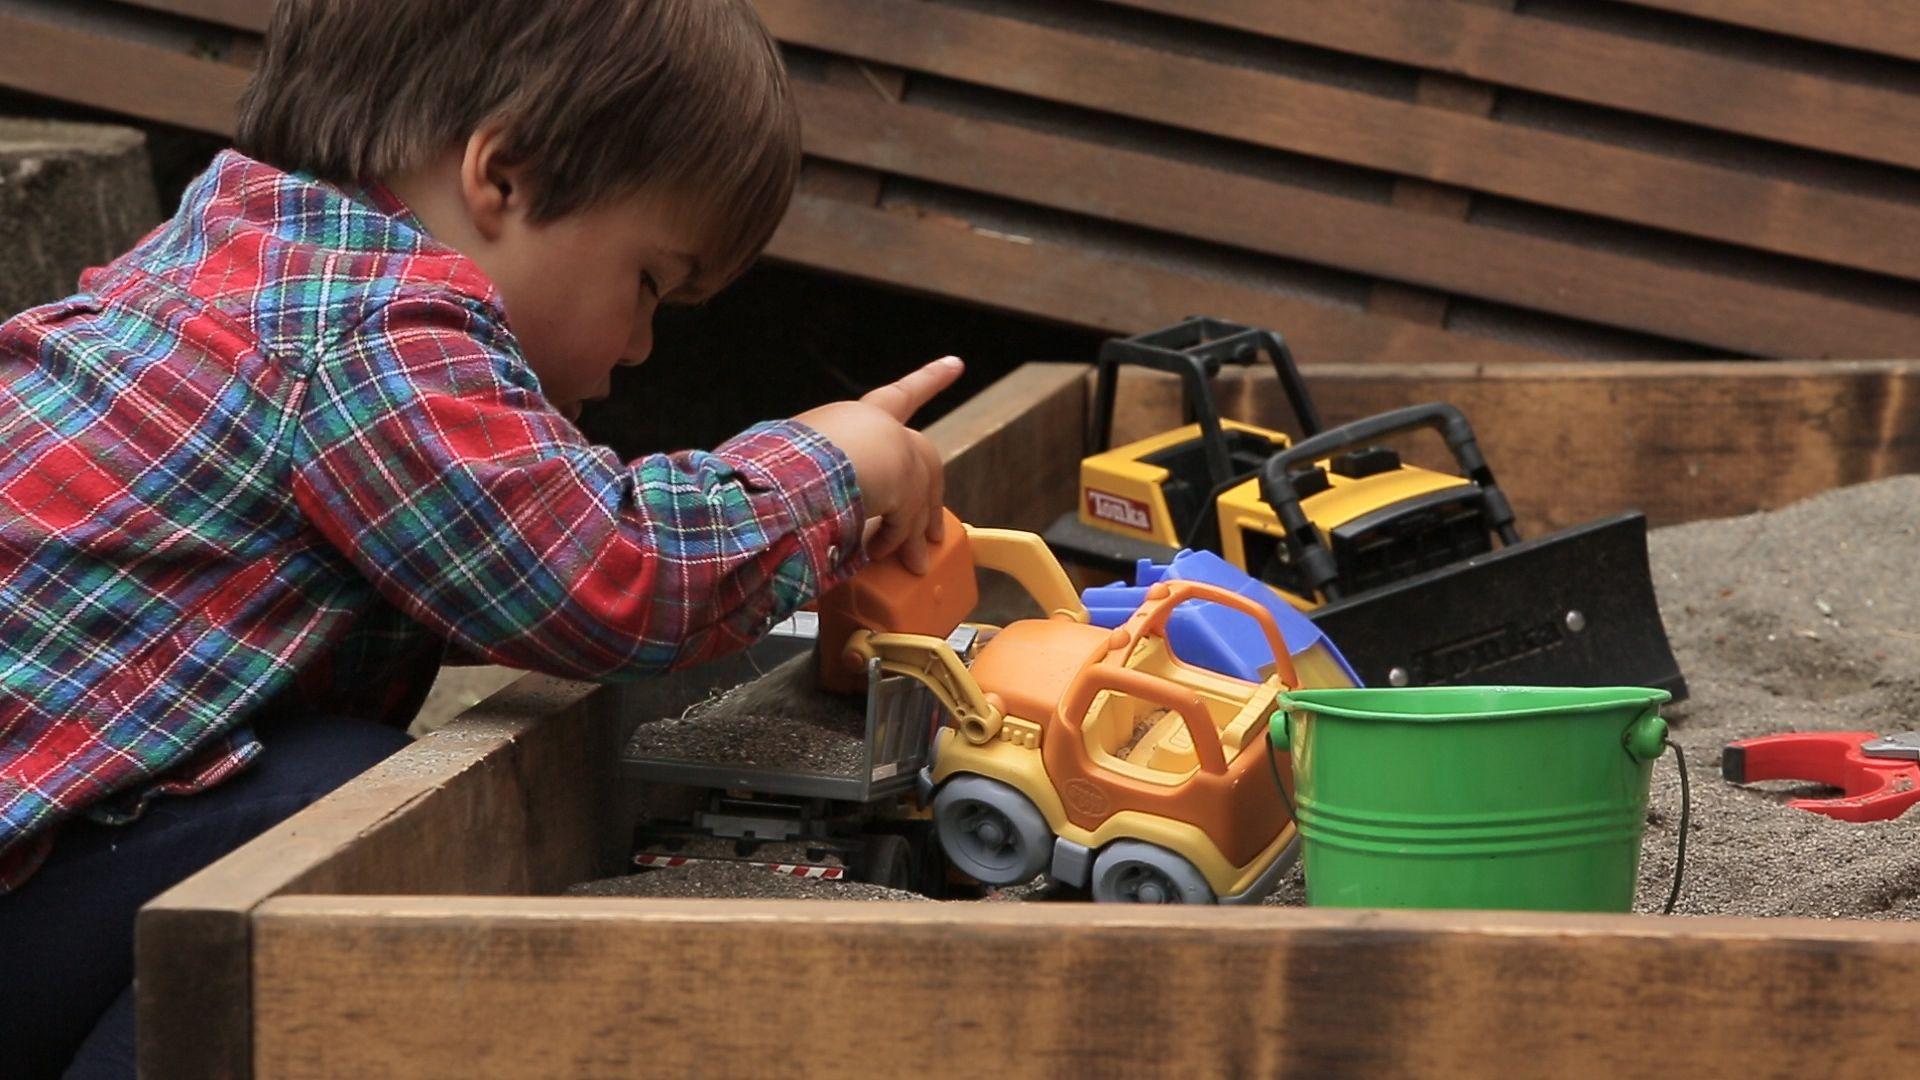 DIY Sandbox | Build a sandbox, Simple sandbox, Sandbox